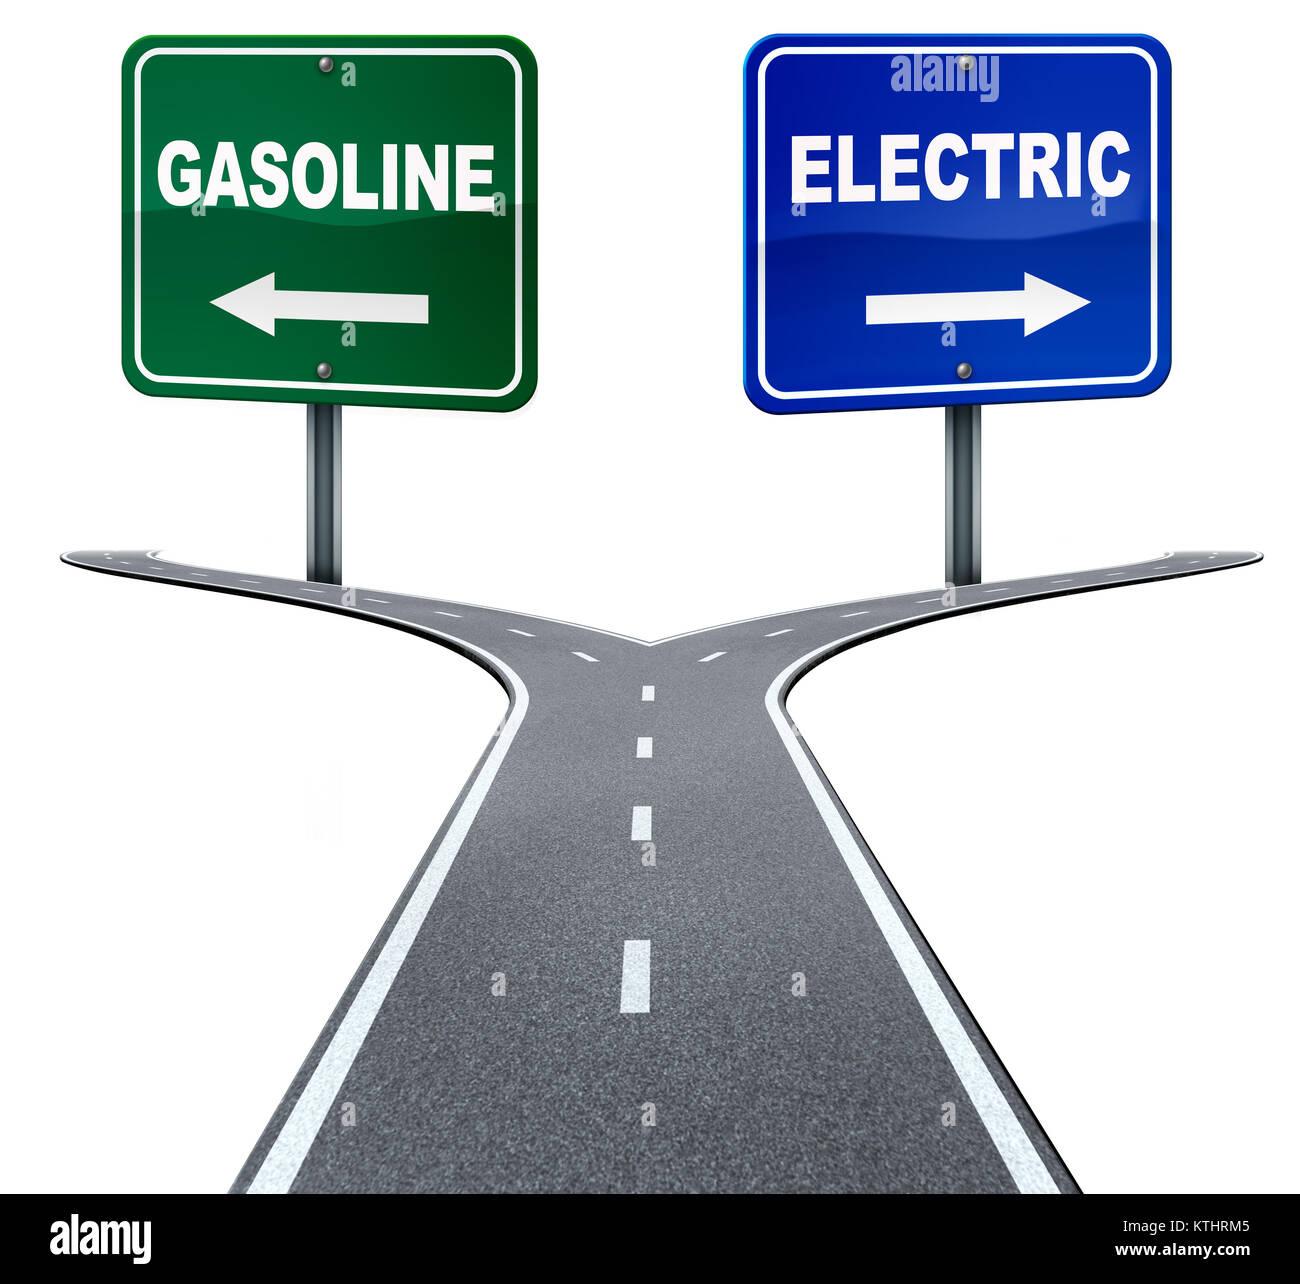 Benzin- und elektrische Energie Industrie Wahl Konzept auf eine Kreuzung zwischen alten gas Kraftstoff Strom oder Stockbild